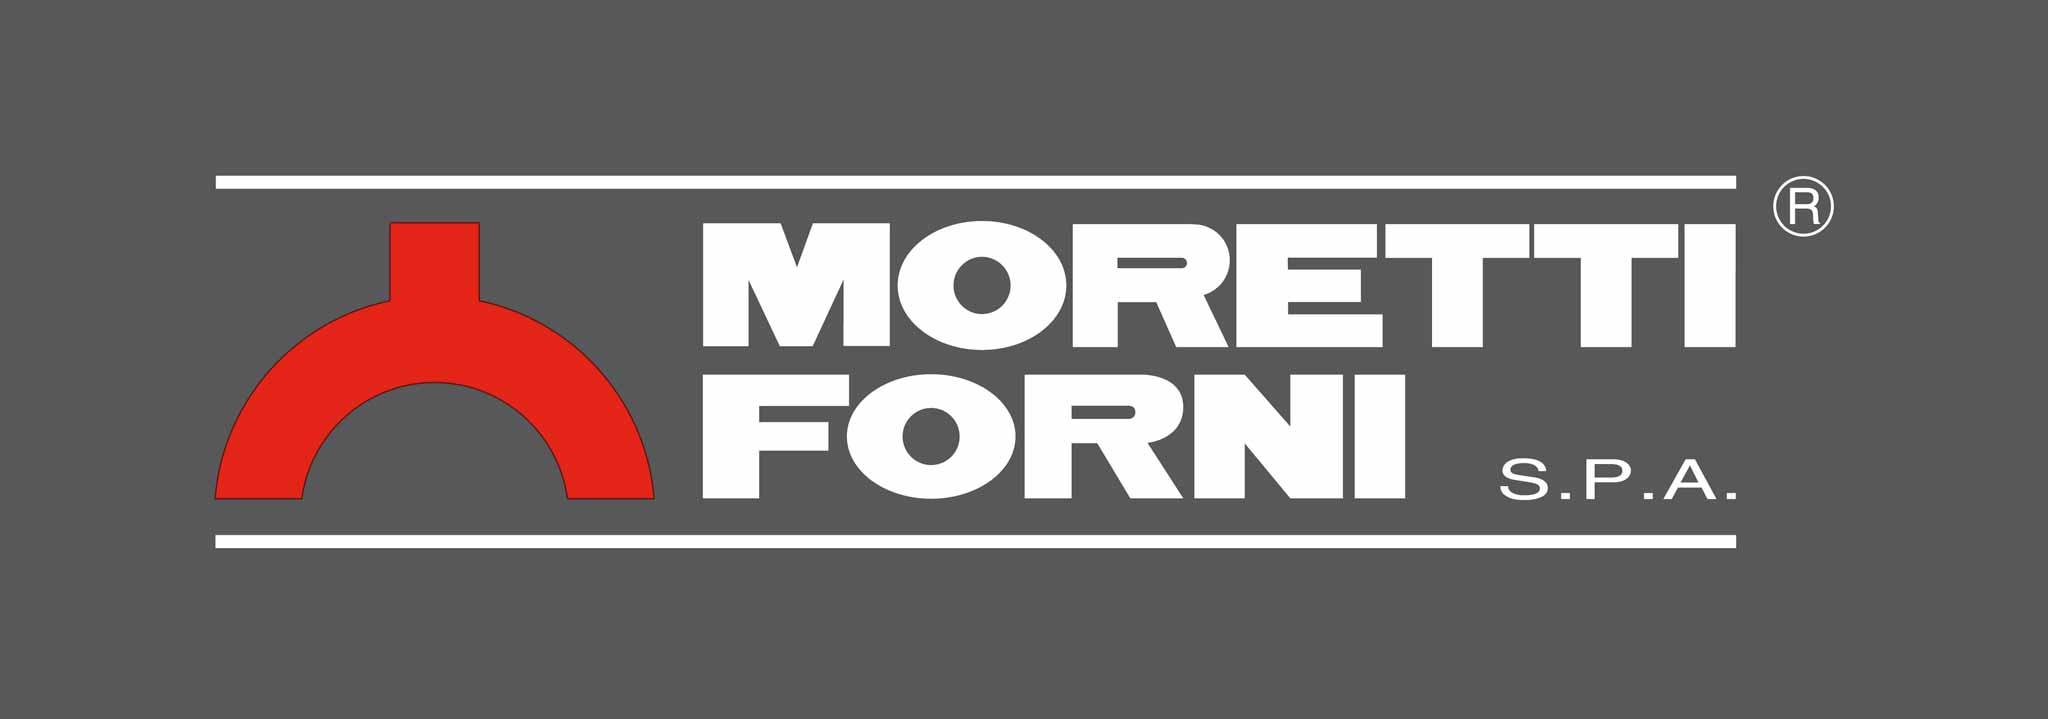 moretti logo orizzontale